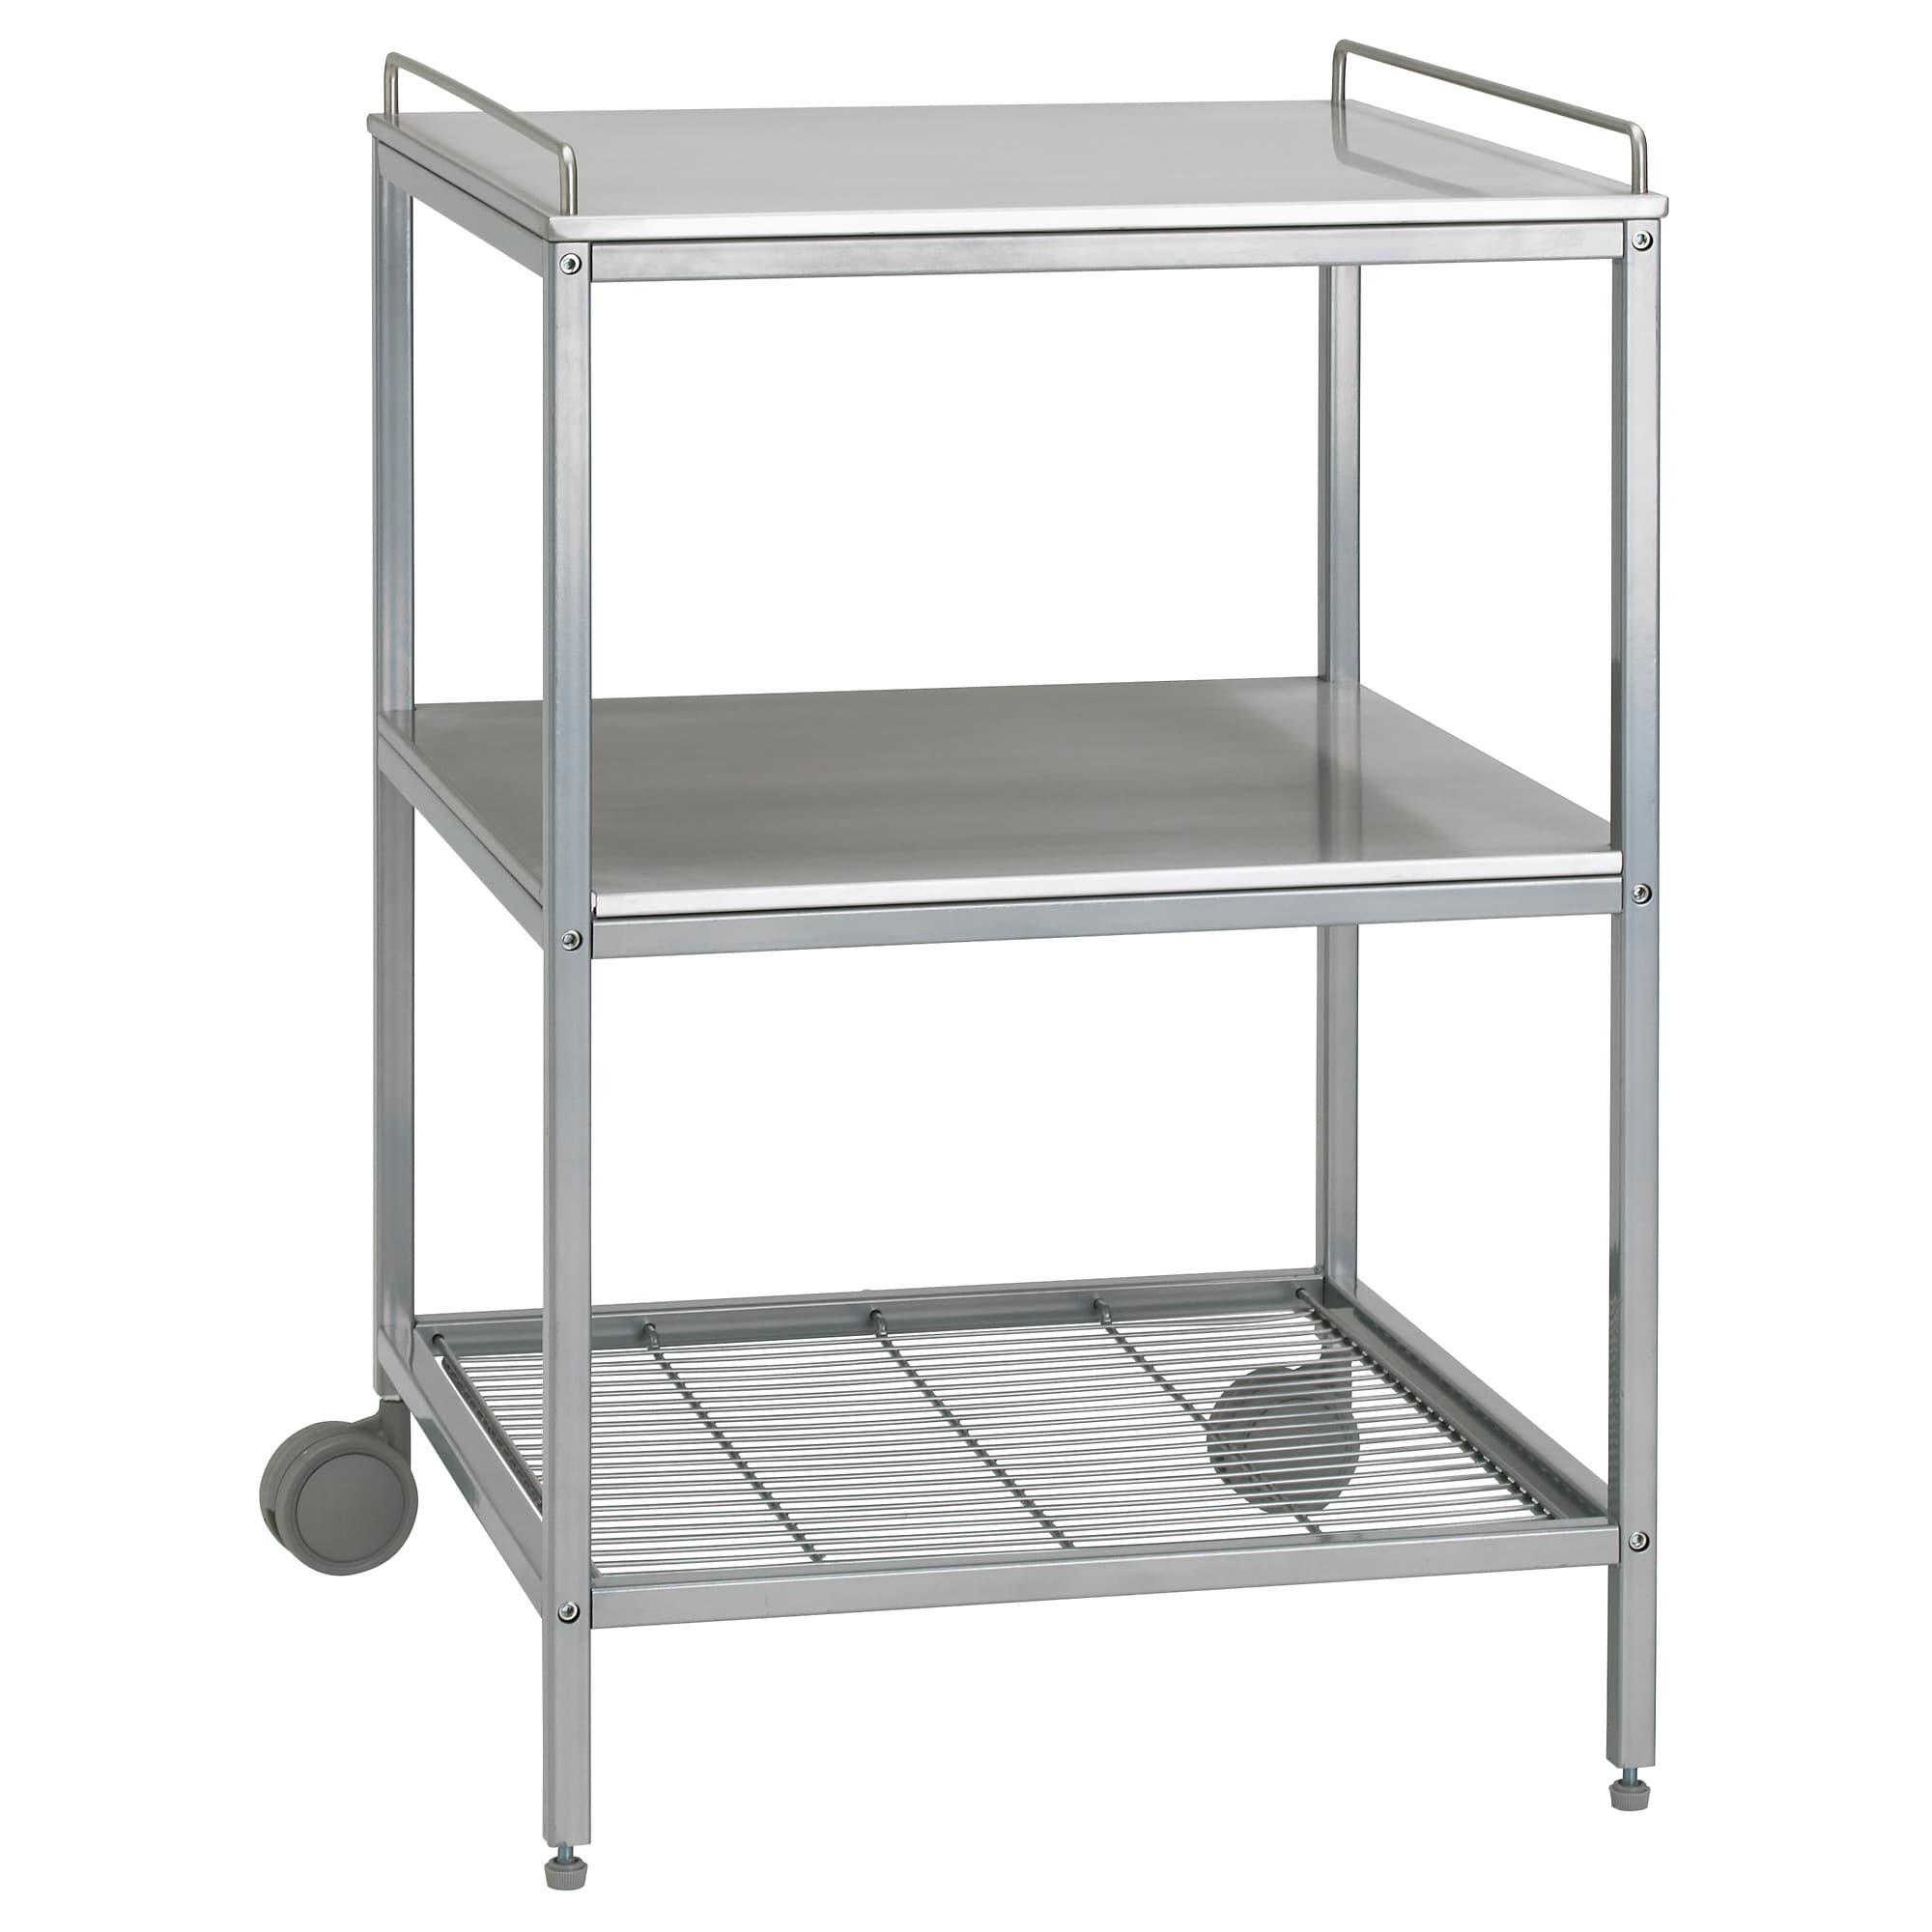 Mesa Acero Inoxidable Ikea 3id6 Carritos De Cocina Y Camareras Pra Online Ikea